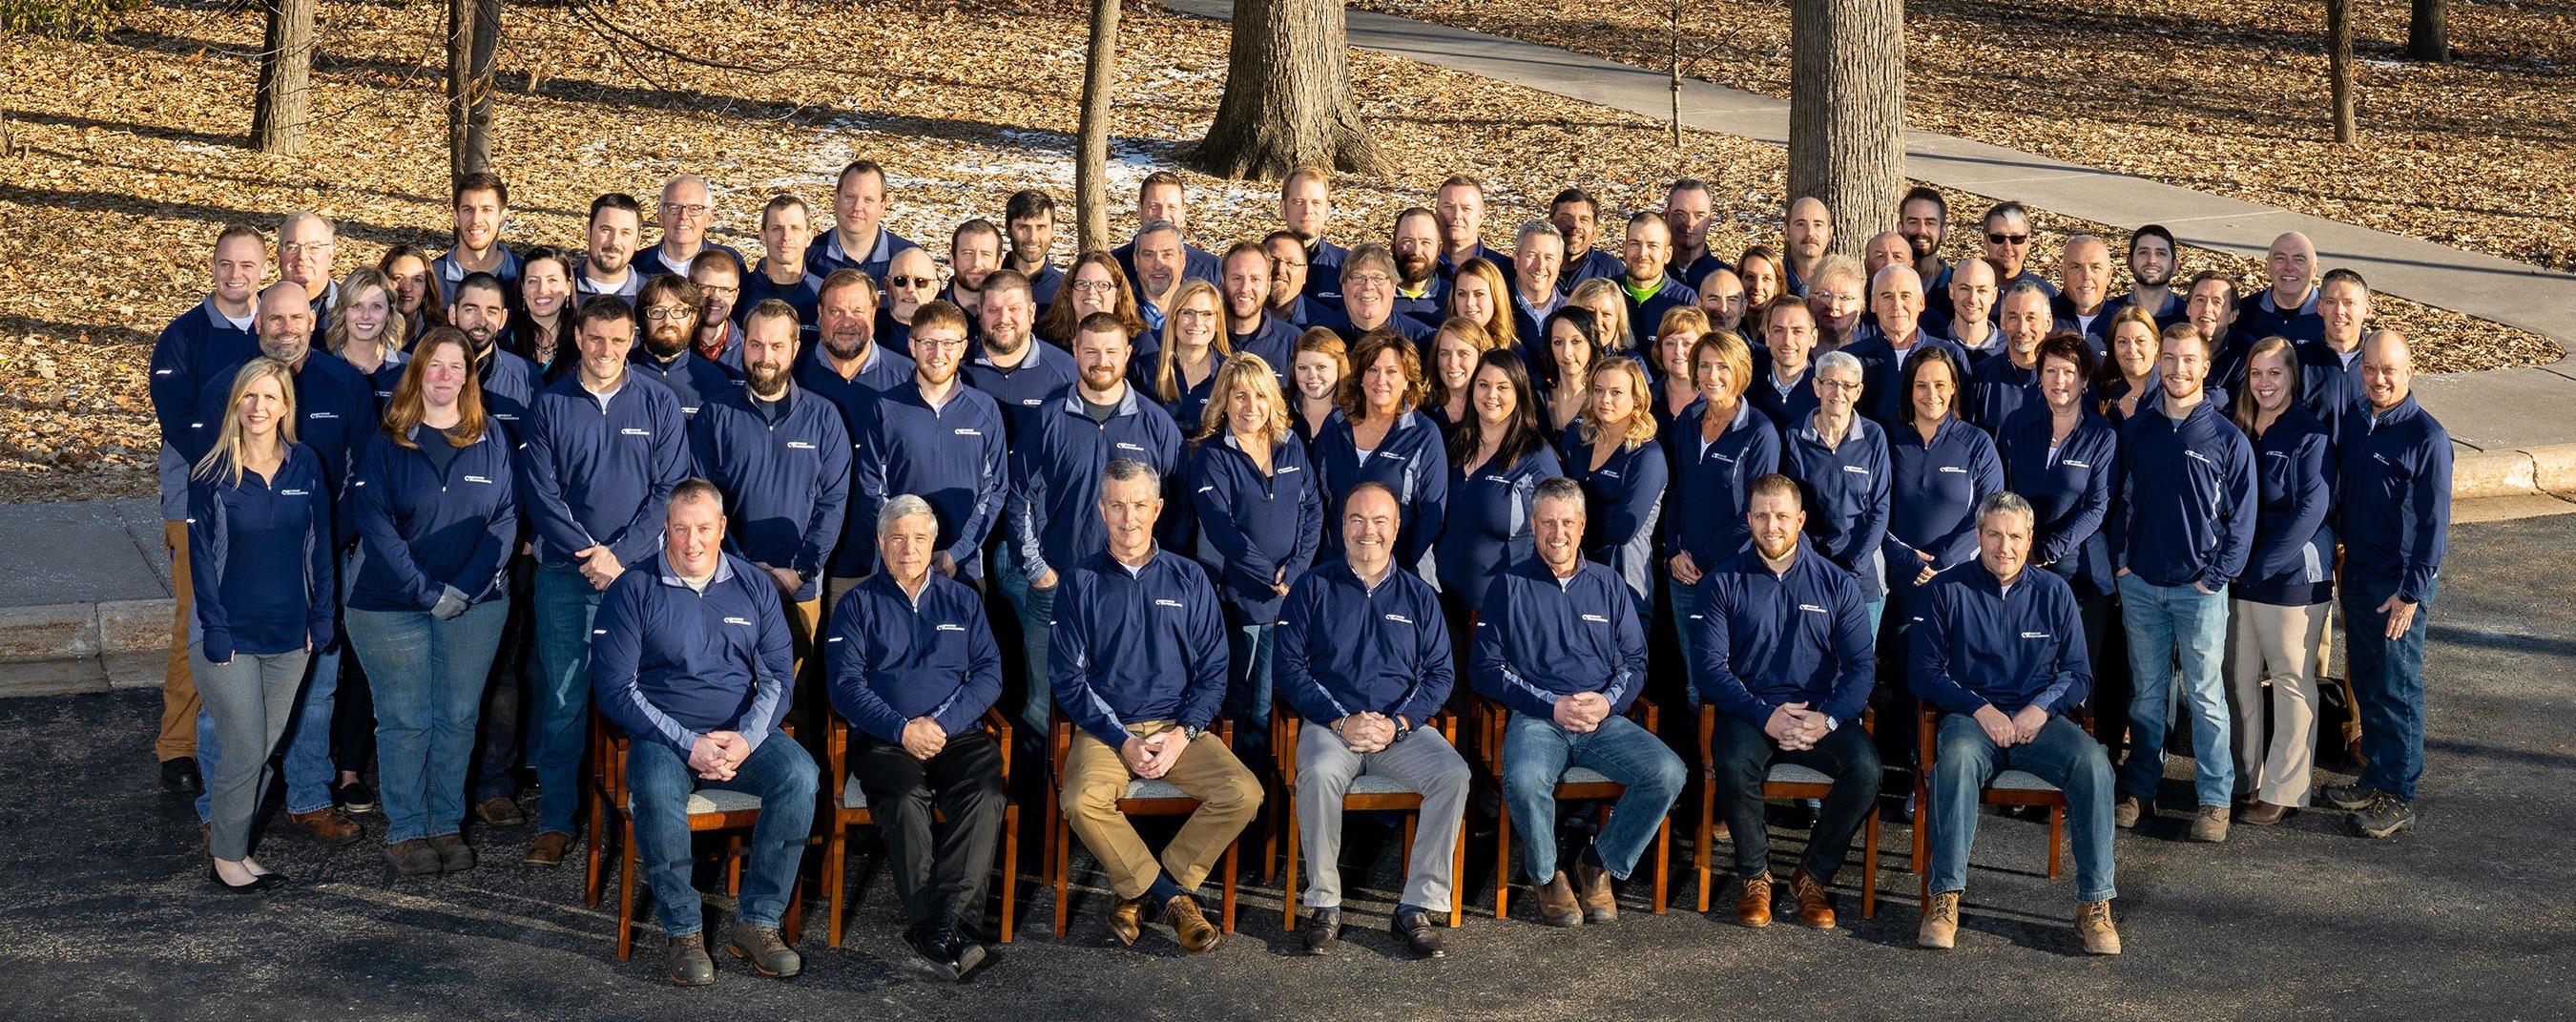 2019 Company Photo